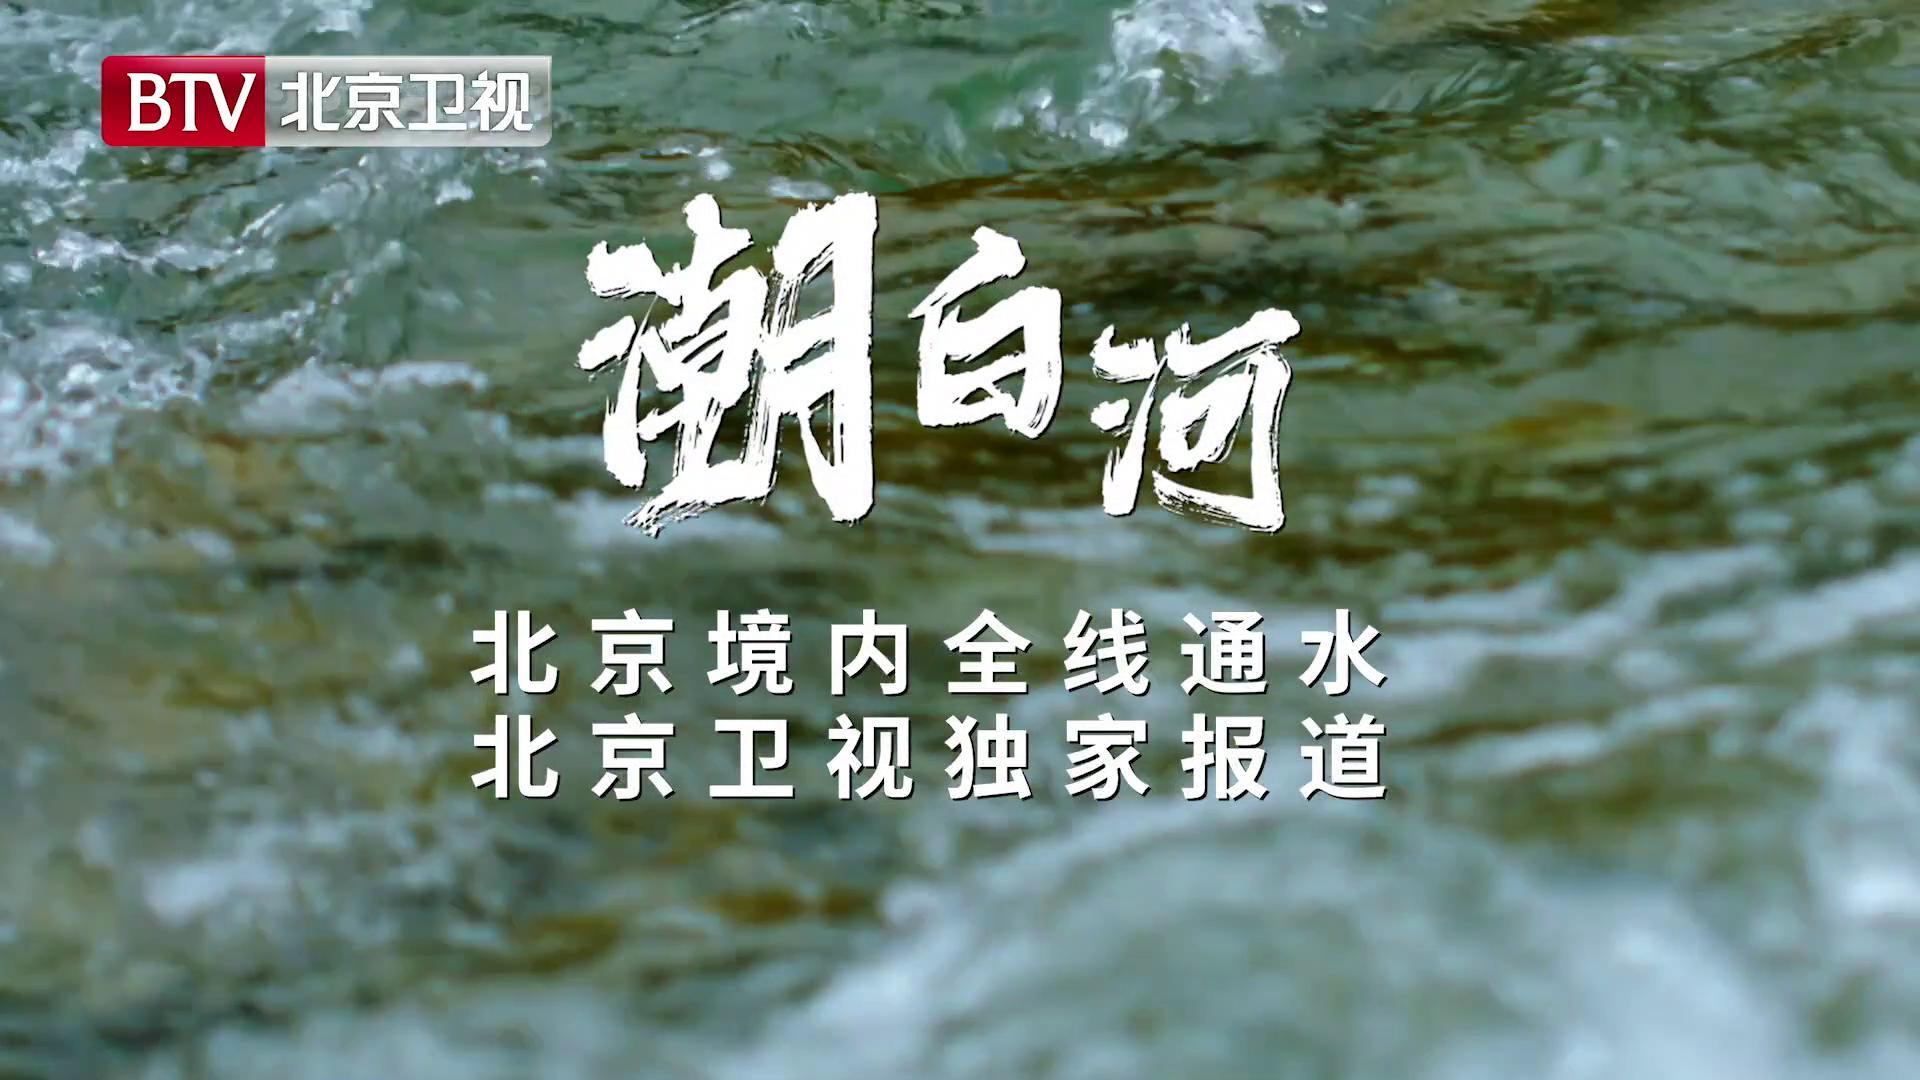 一条大河波浪宽!北京卫视独家报道:潮白河北京段22年来全线通水!